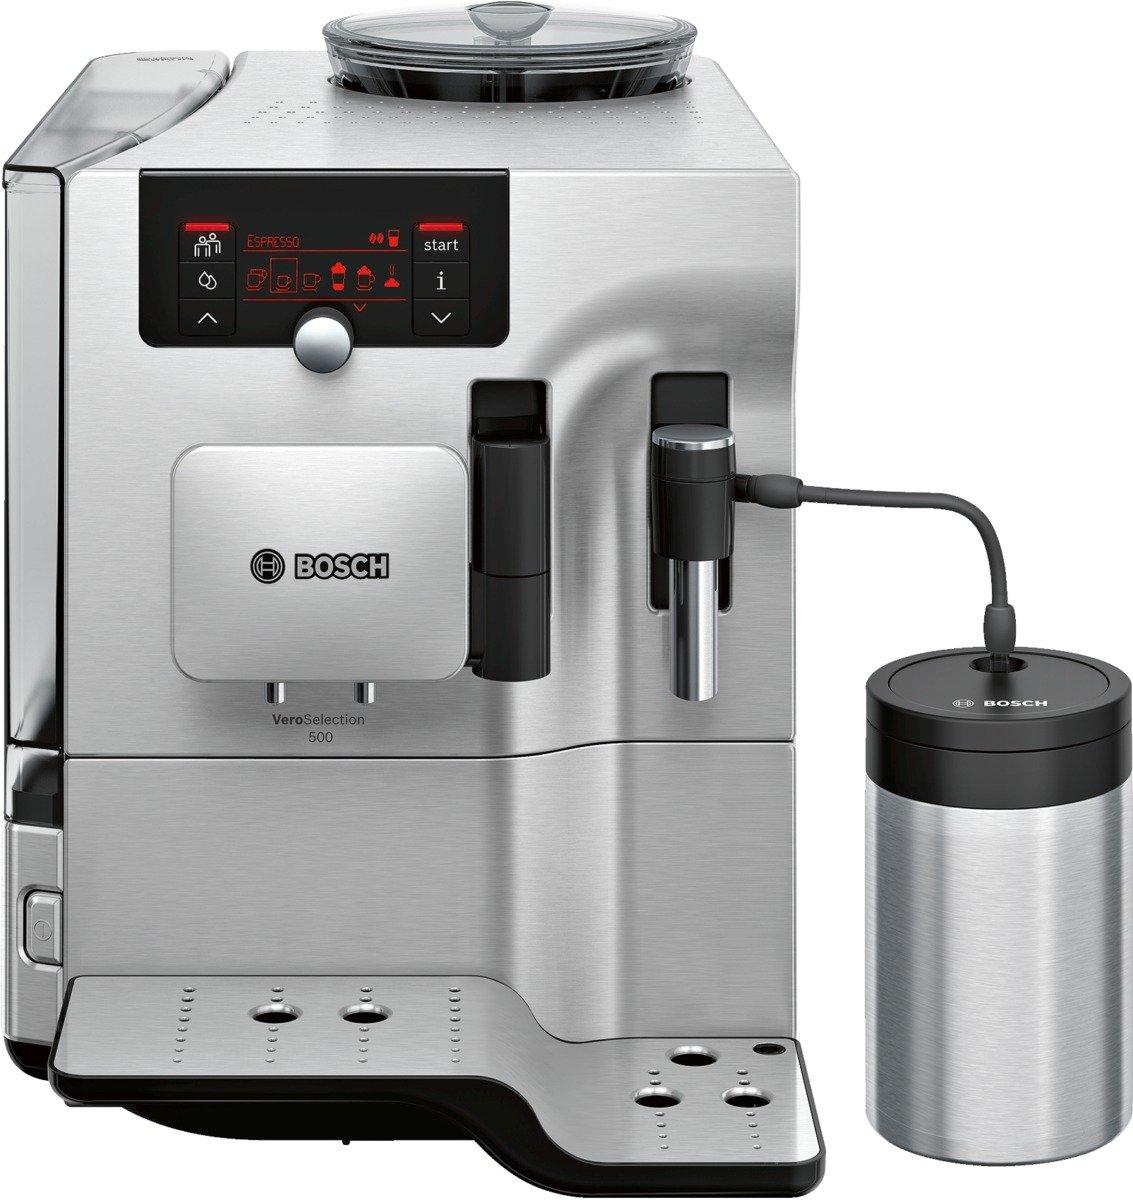 Bosch TES80551DE Kaffeevollautomat VeroSelection 500, EdelstahlÜberprüfung und weitere Informationen